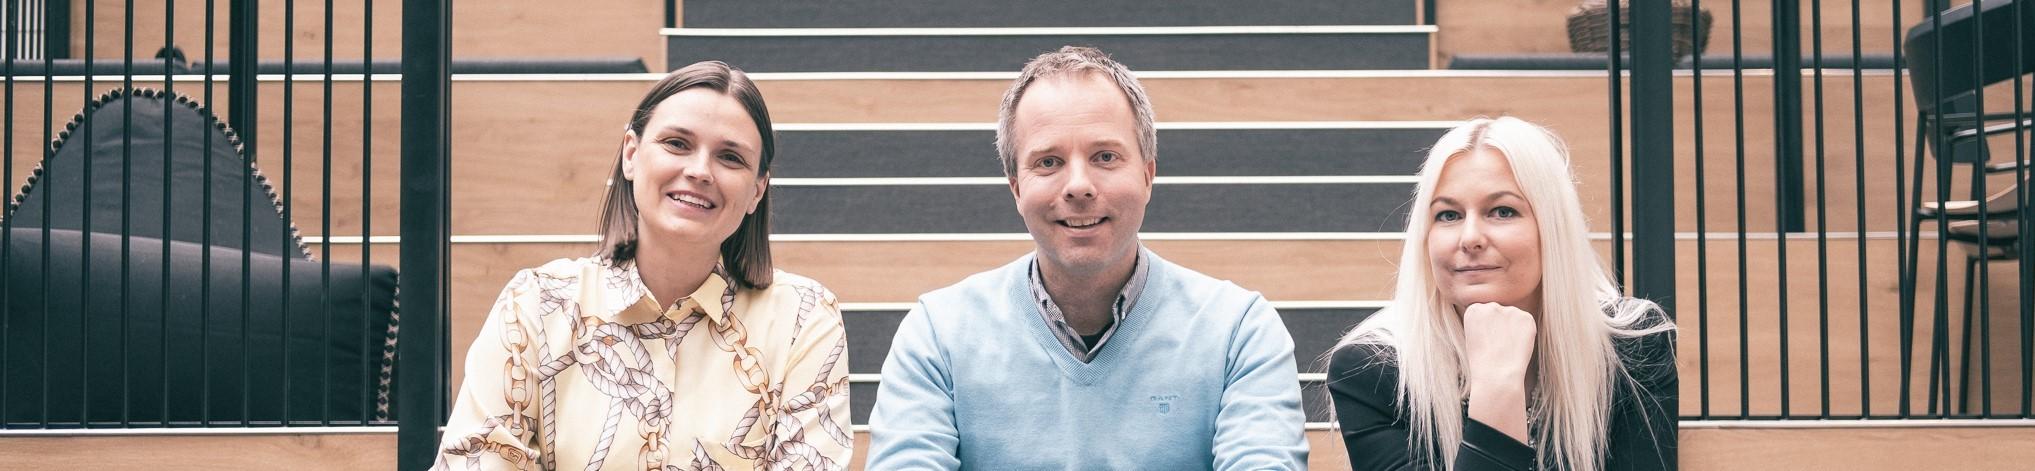 Tiedote: Muutoksia Harvan johdossa ja henkilöstössä - päivitetty 1.11.2019